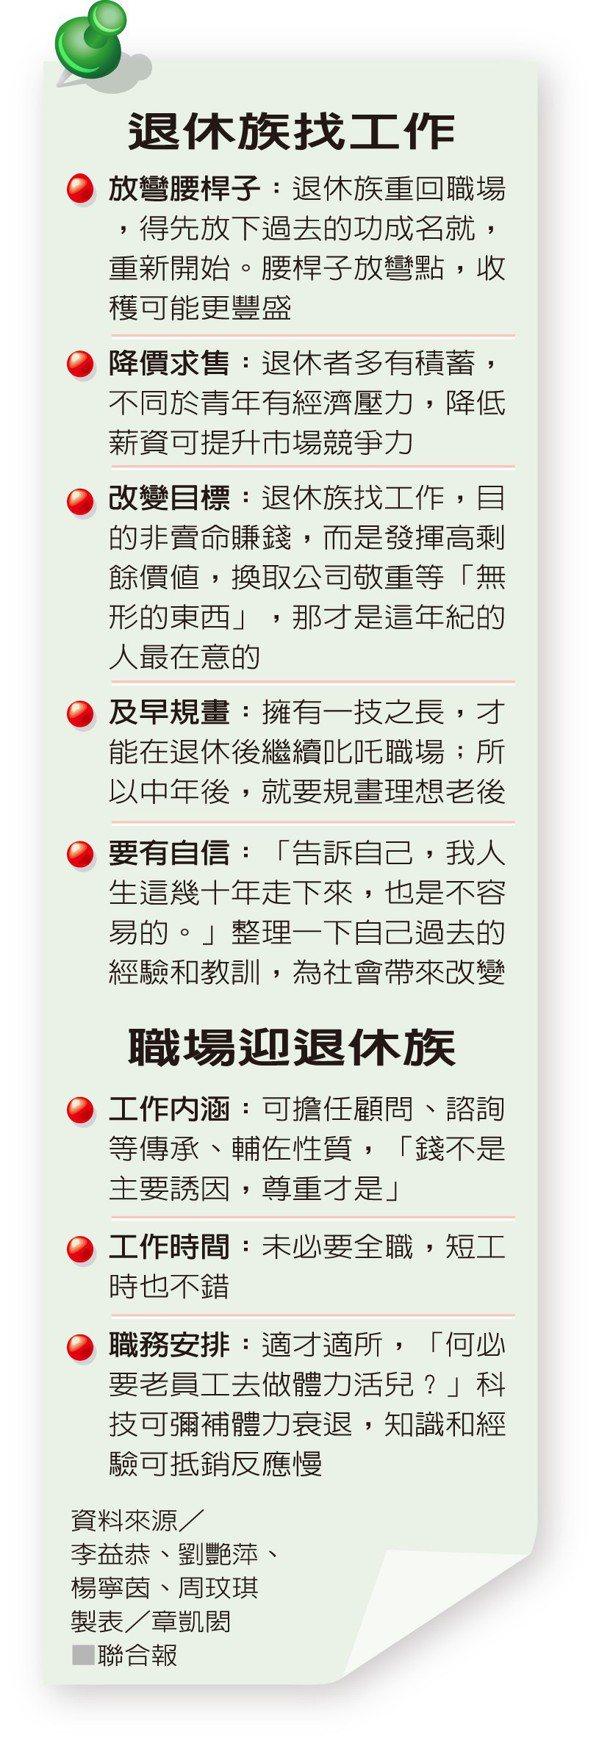 退休族找工作 資料來源/李益恭、劉艷萍、楊寧茵、周玟琪 製表/章凱閎